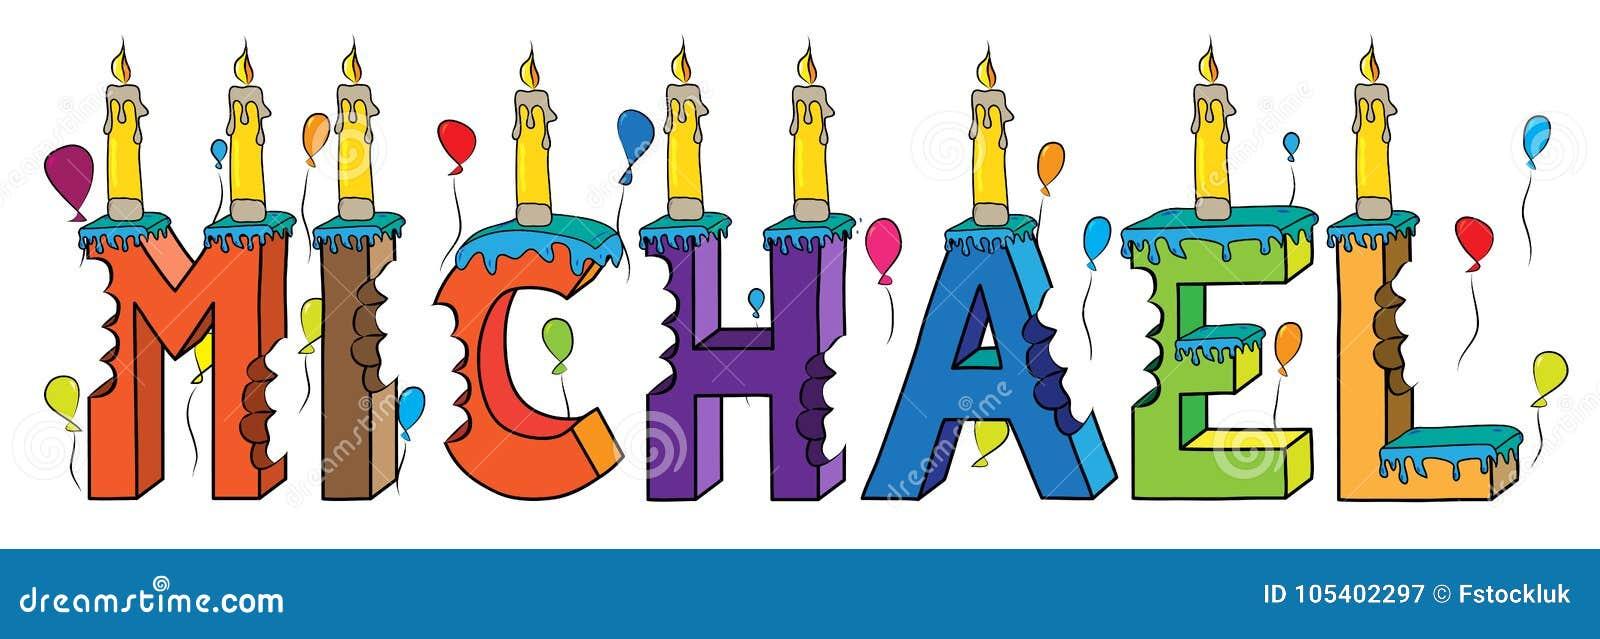 Bolo de aniversário colorido mordido nome da rotulação 3d de Michael com velas e balões